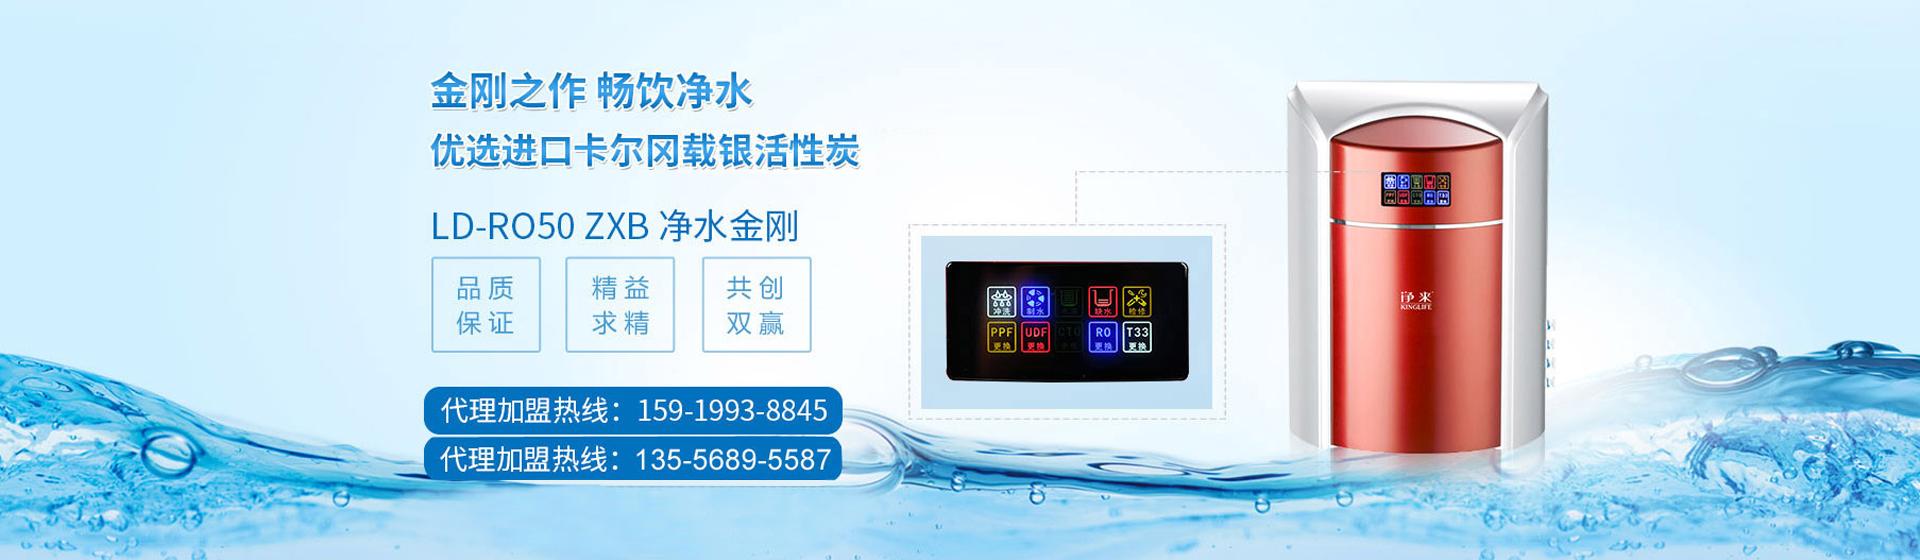 http://kaiyuwj.com/p-dailijiameng.html